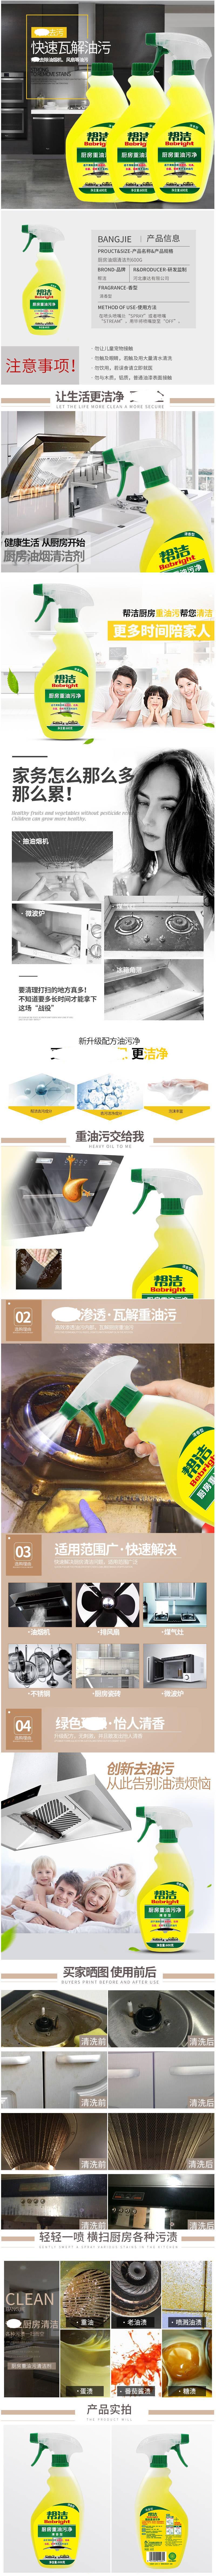 帮洁 600g 清香型 厨房油烟清洁剂